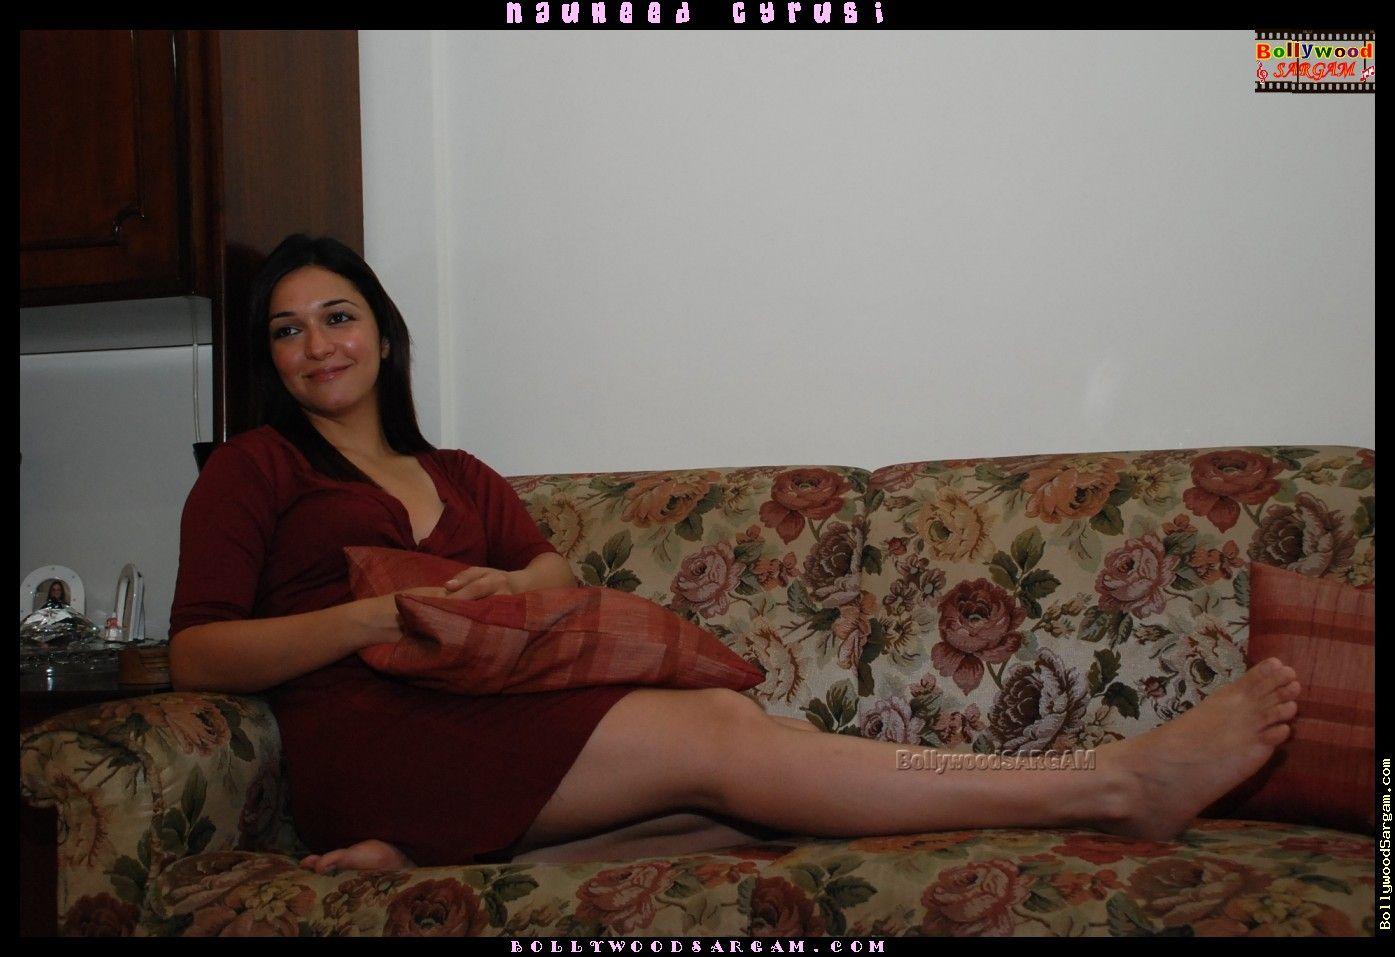 nauheed cyrusi's feet << wikifeet